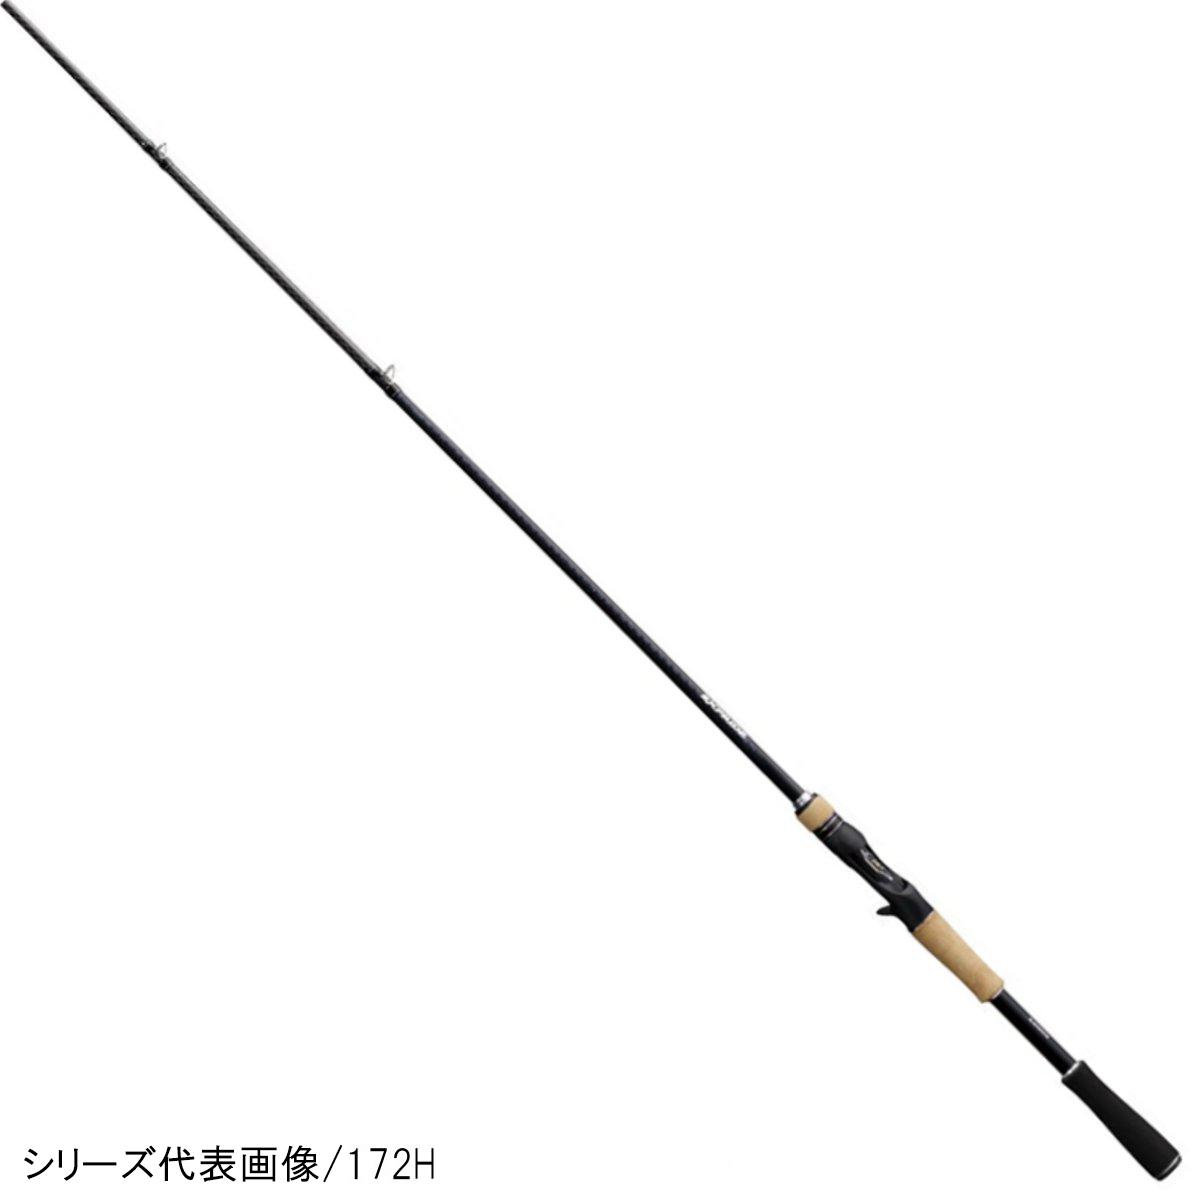 シマノ エクスプライド 1610M【大型商品】(東日本店)